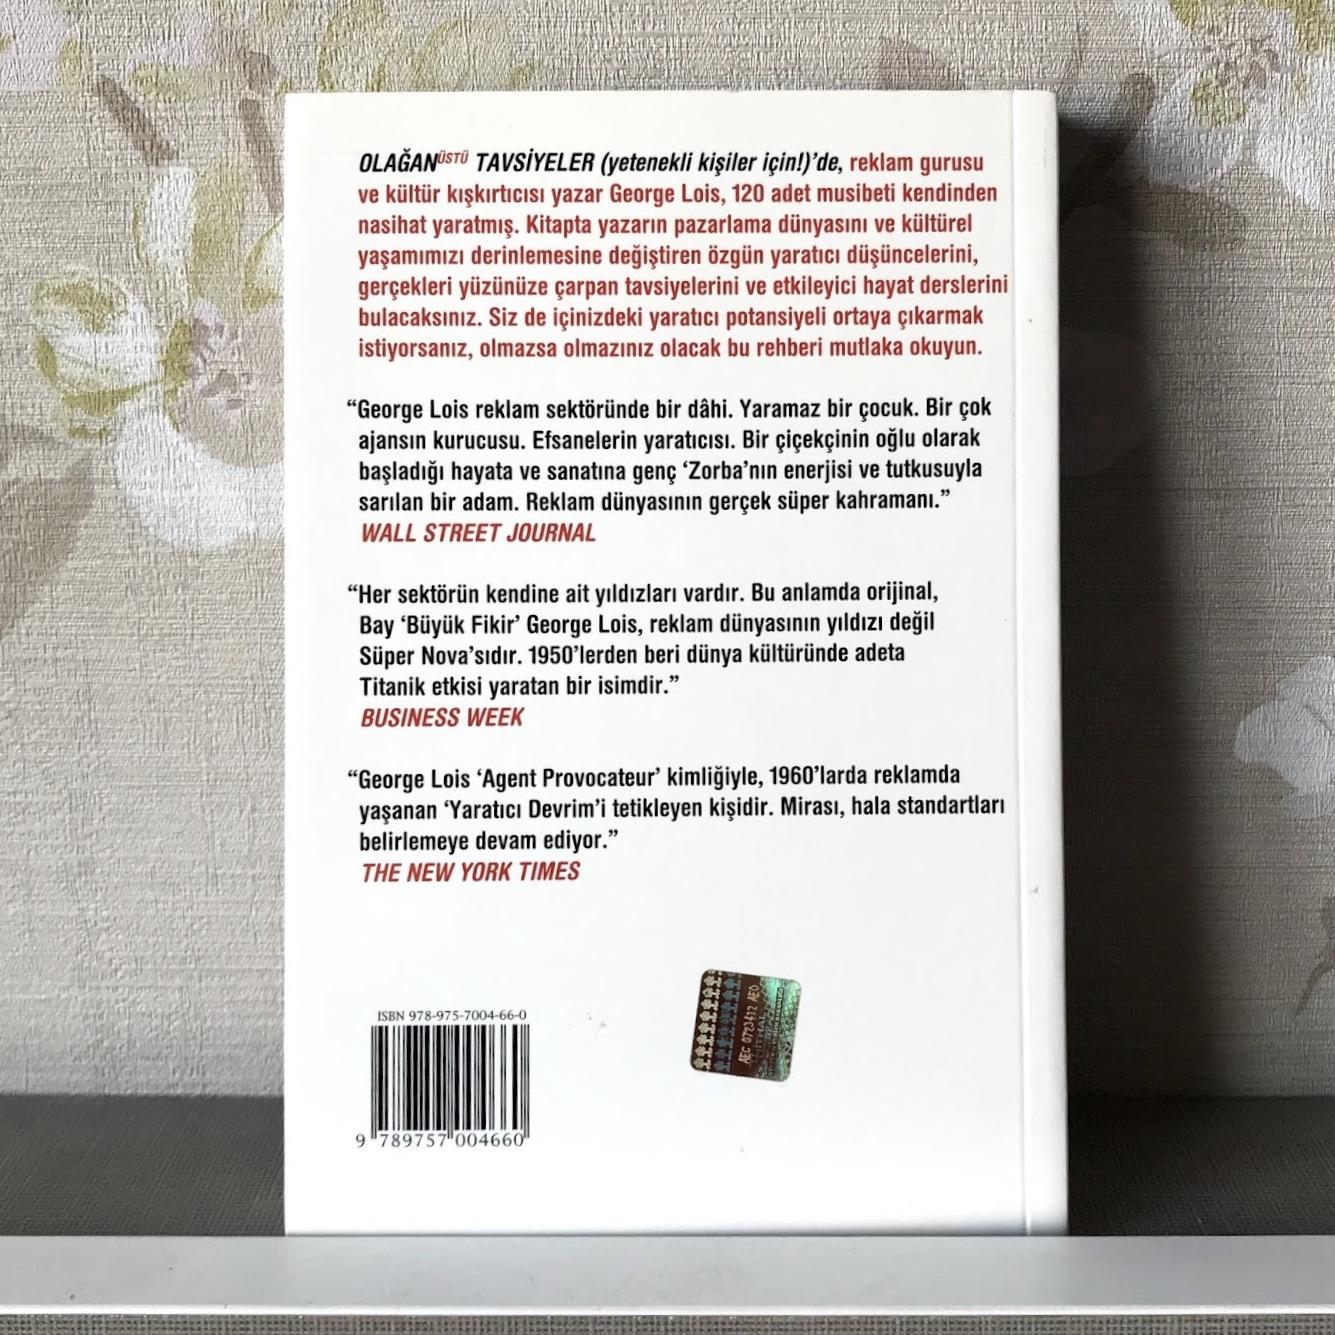 Olaganustu Tavsiyeler - Yetenekli Kisiler Icin (Kitap)